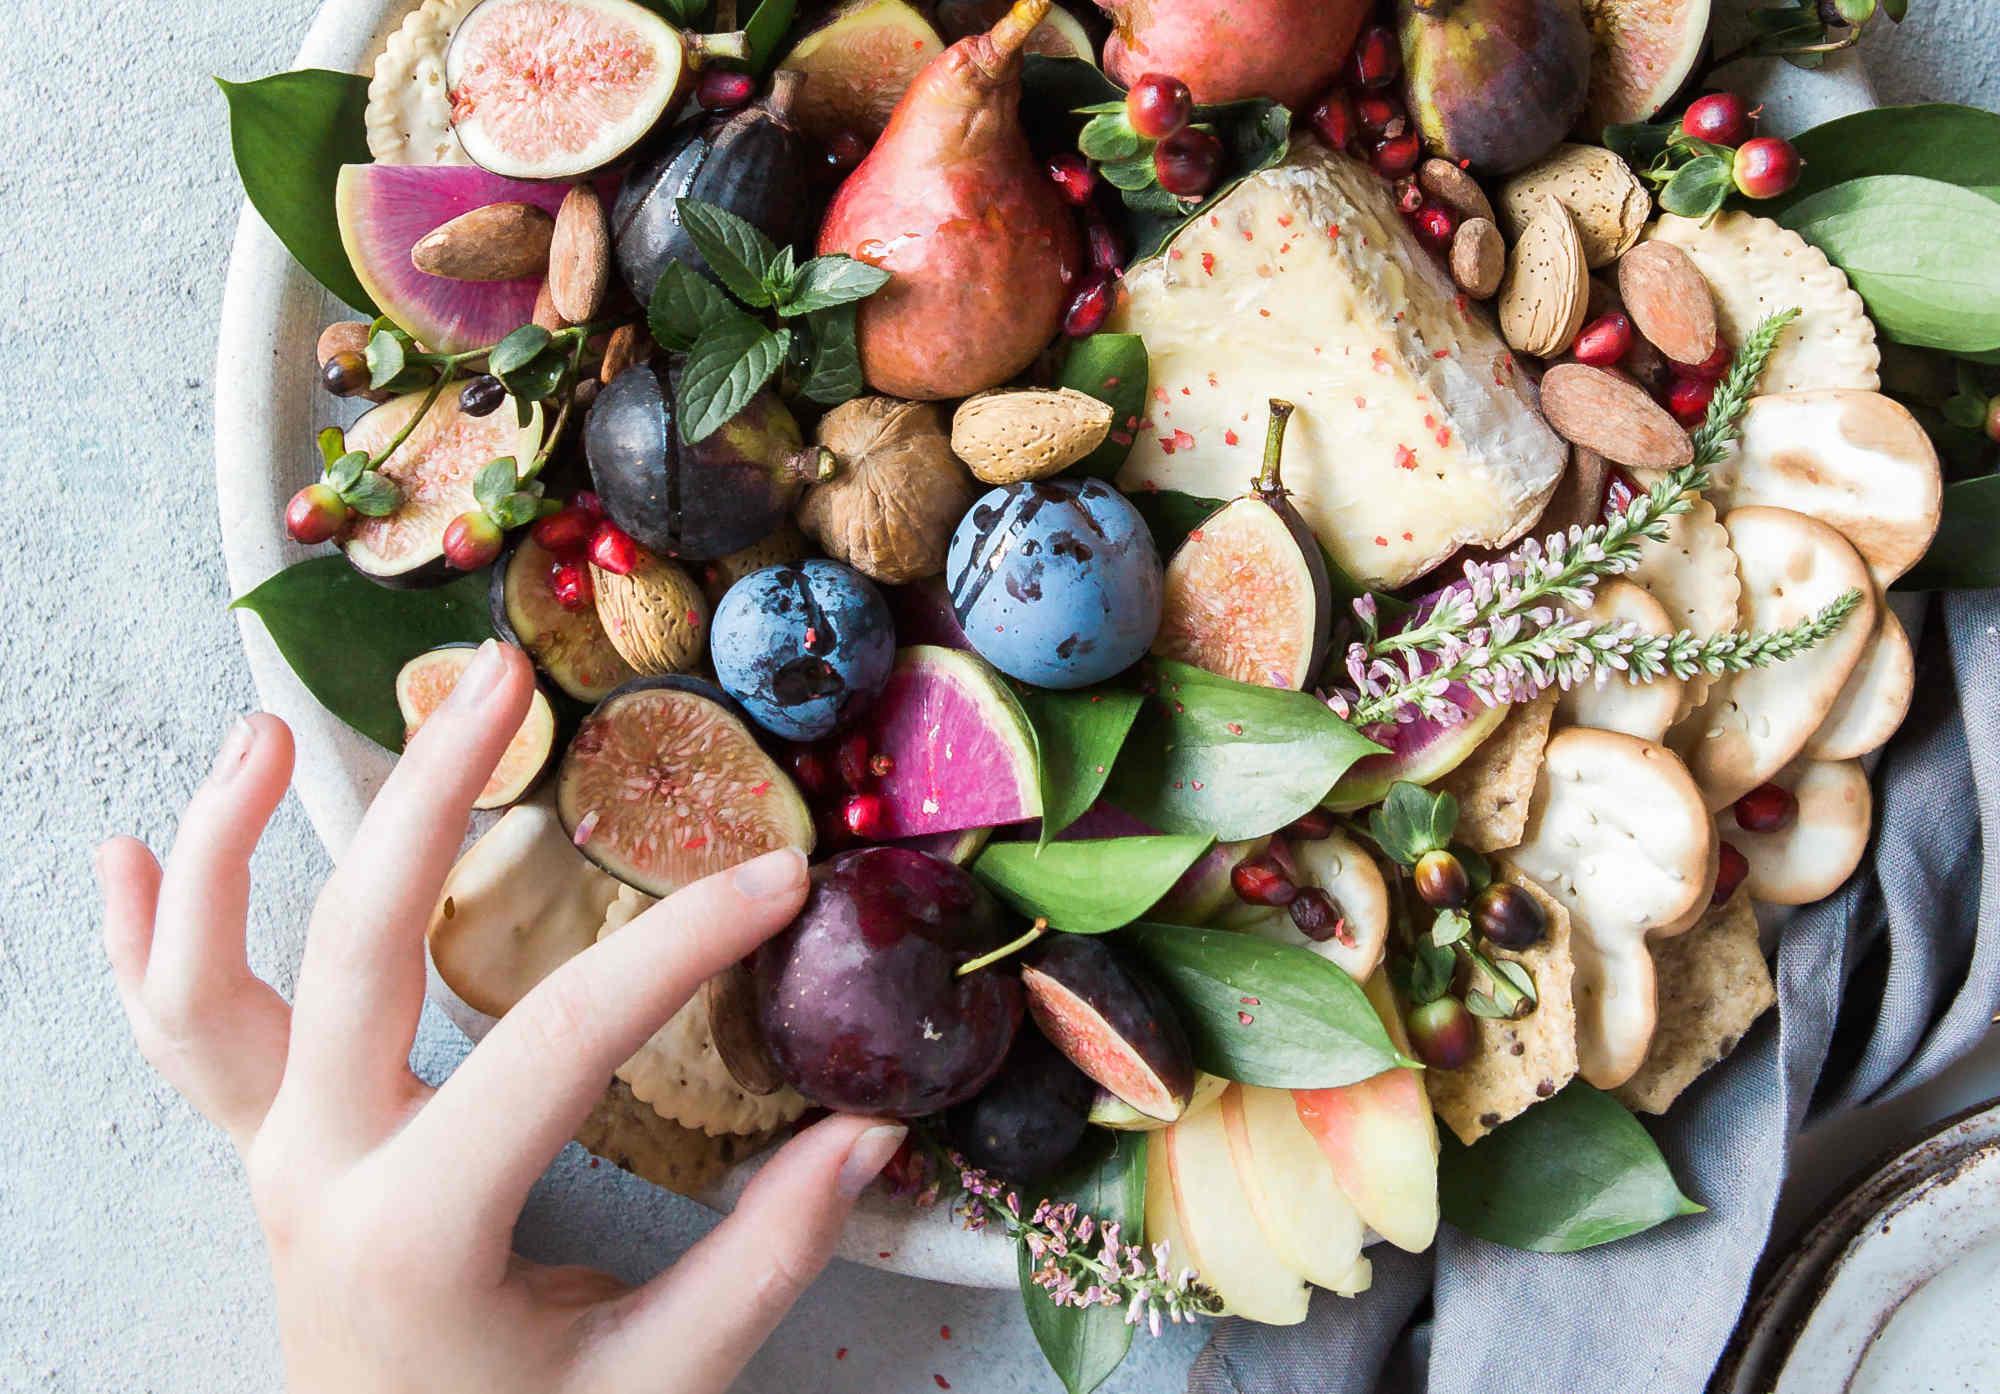 Les régimes à base de plantes réduisent le risque de diabète